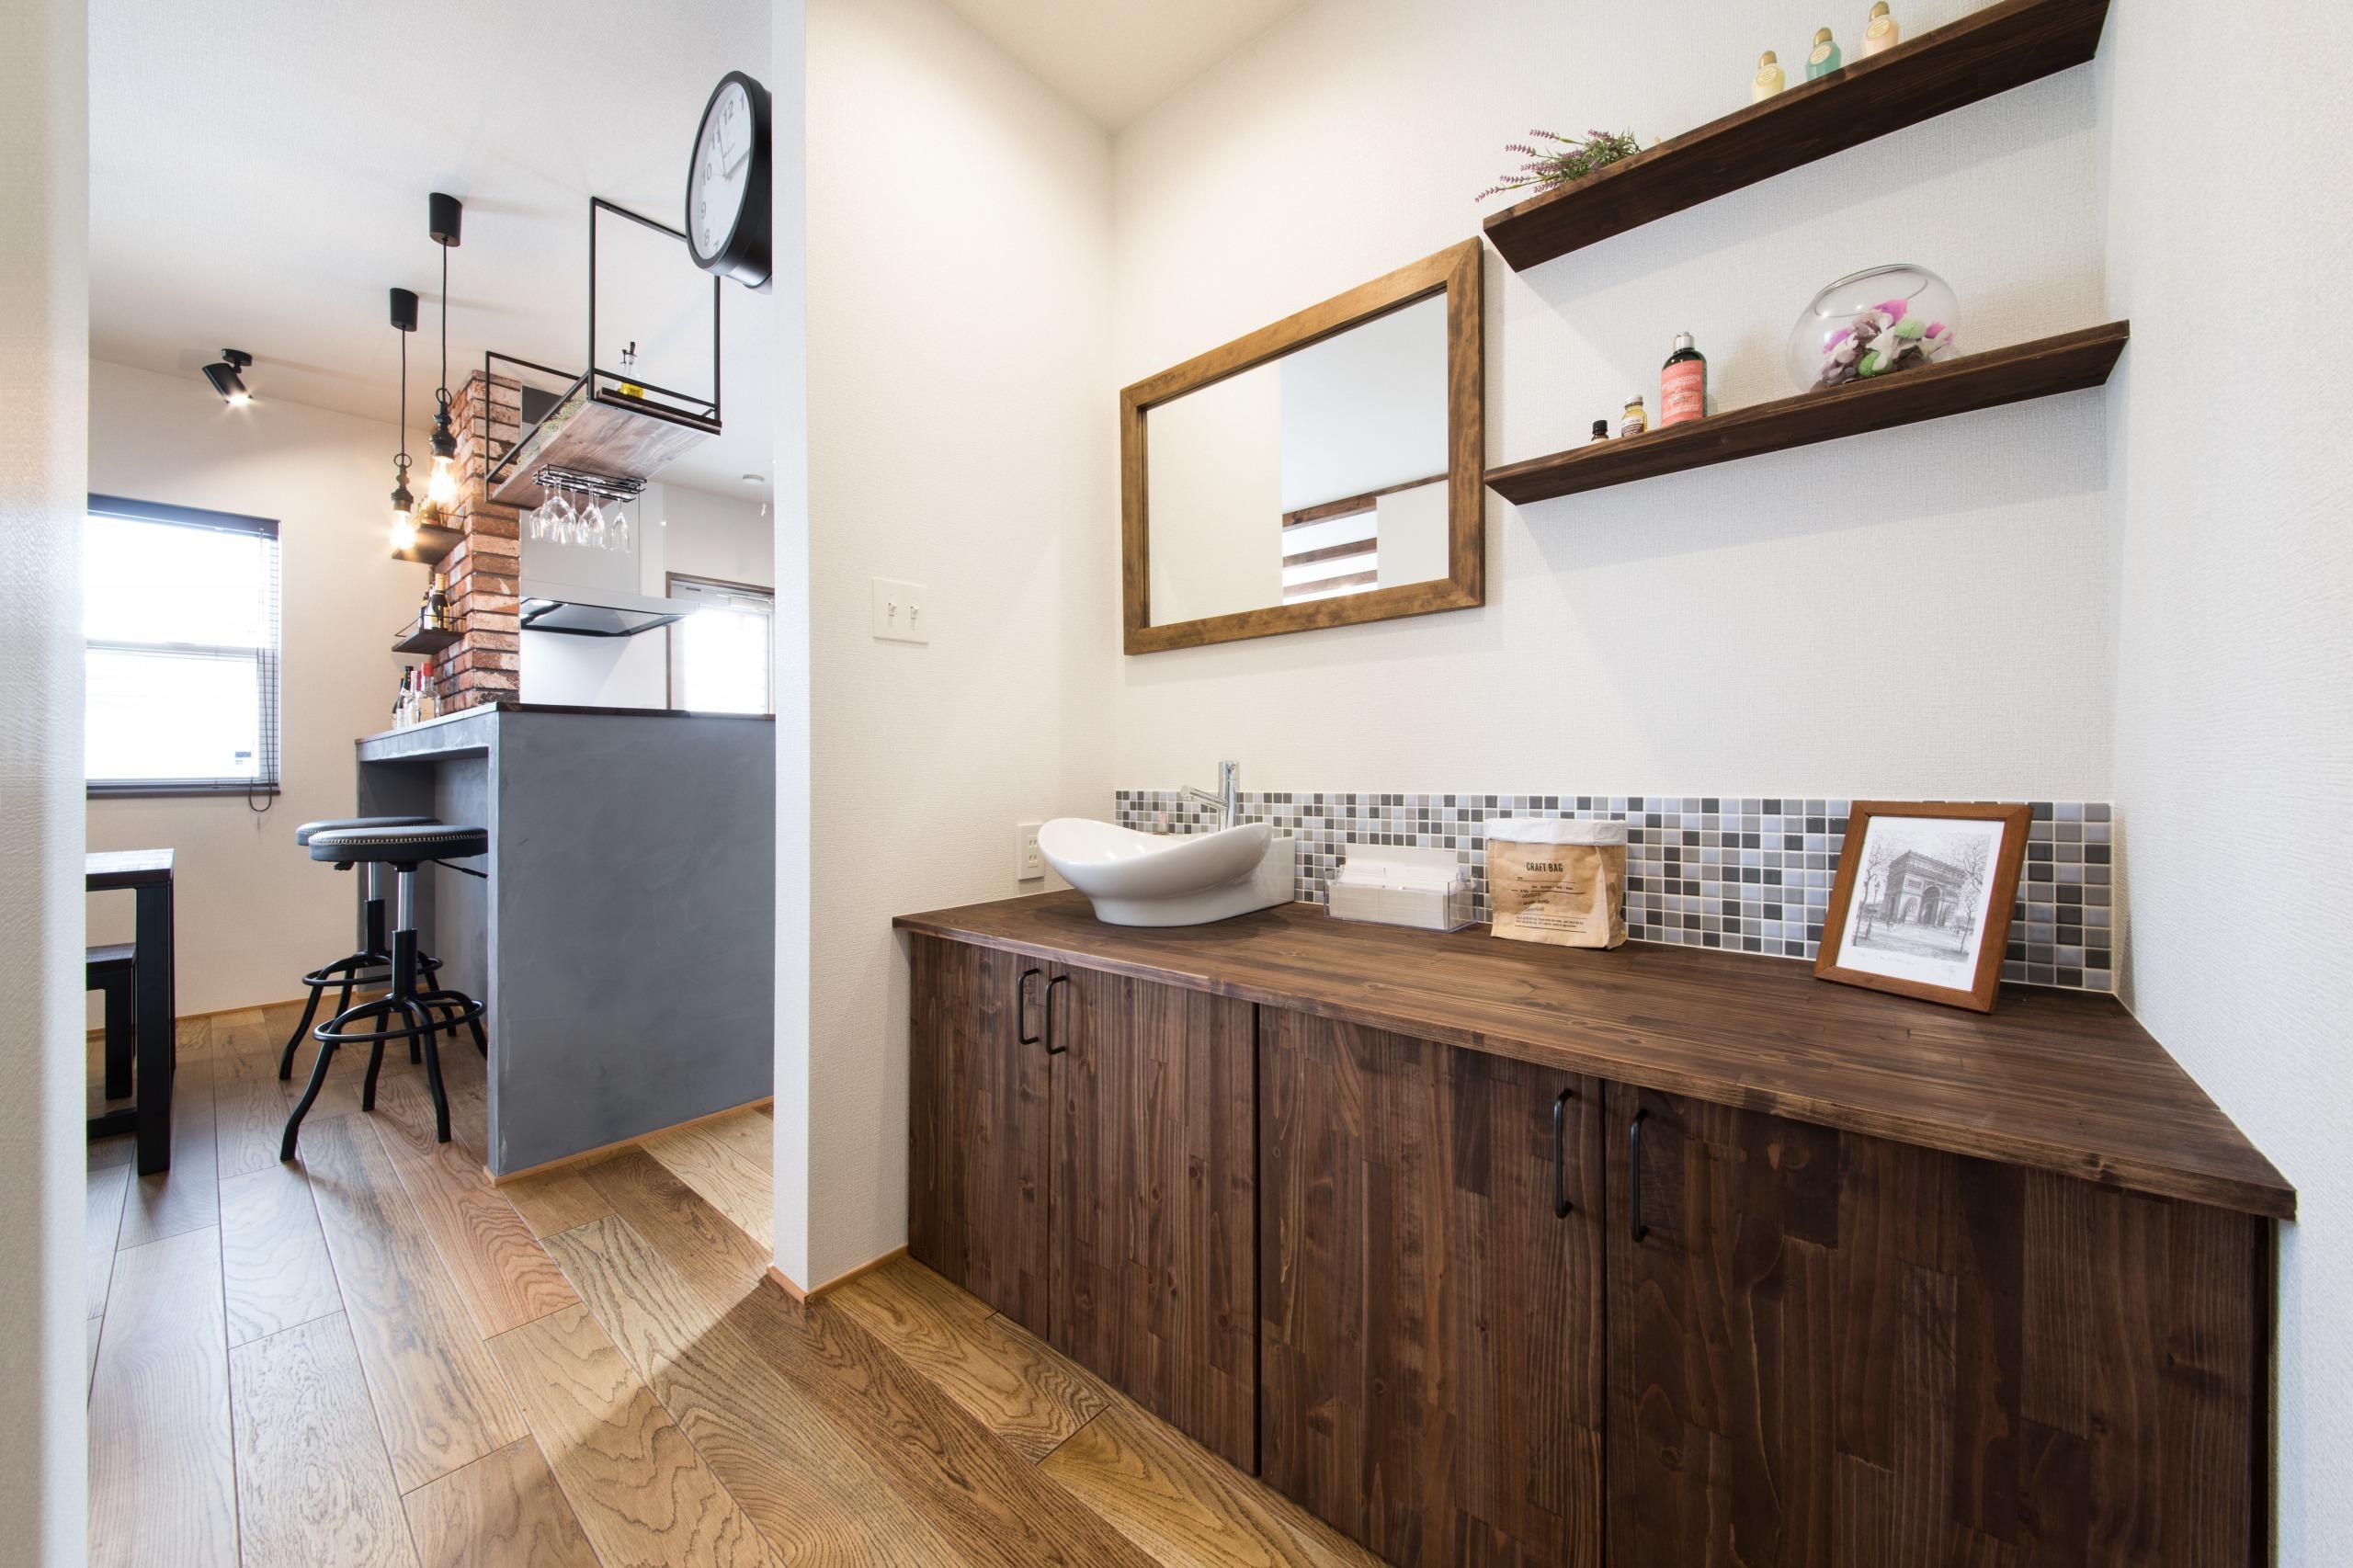 小幡建設【デザイン住宅、収納力、省エネ】将来来客が多くなることを想定し、脱衣所と分けて洗面を造作